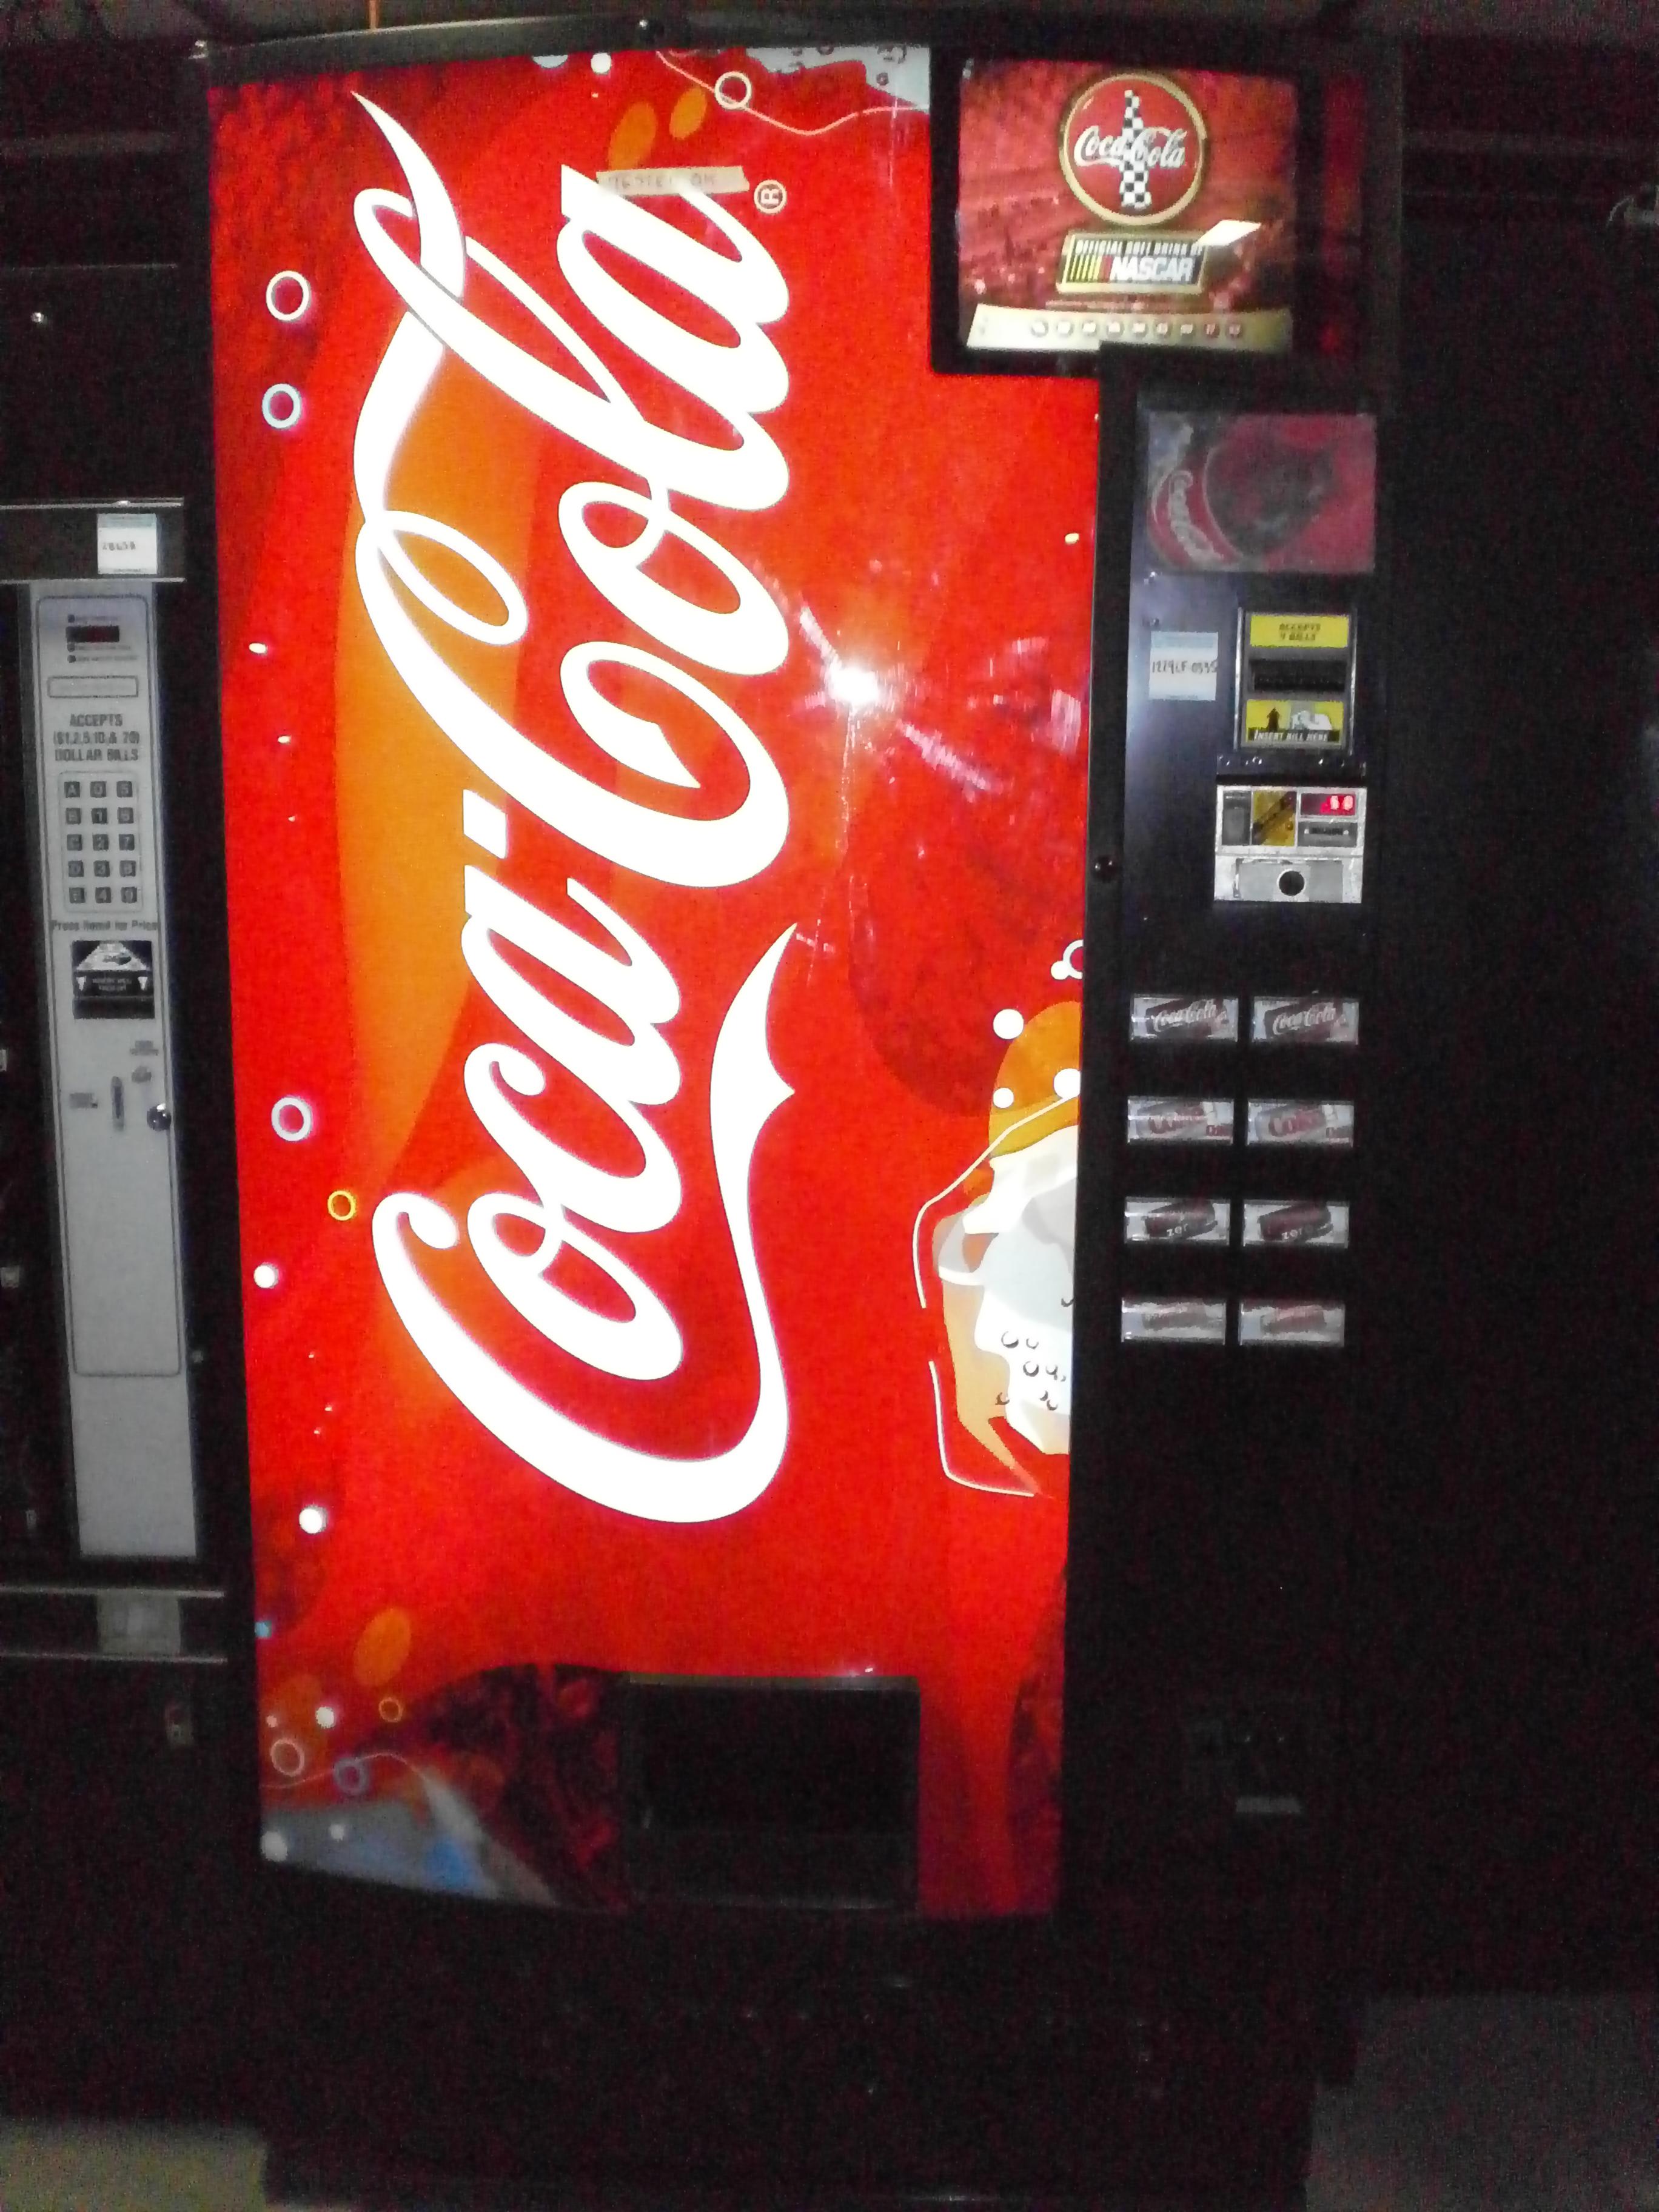 cold soda machine